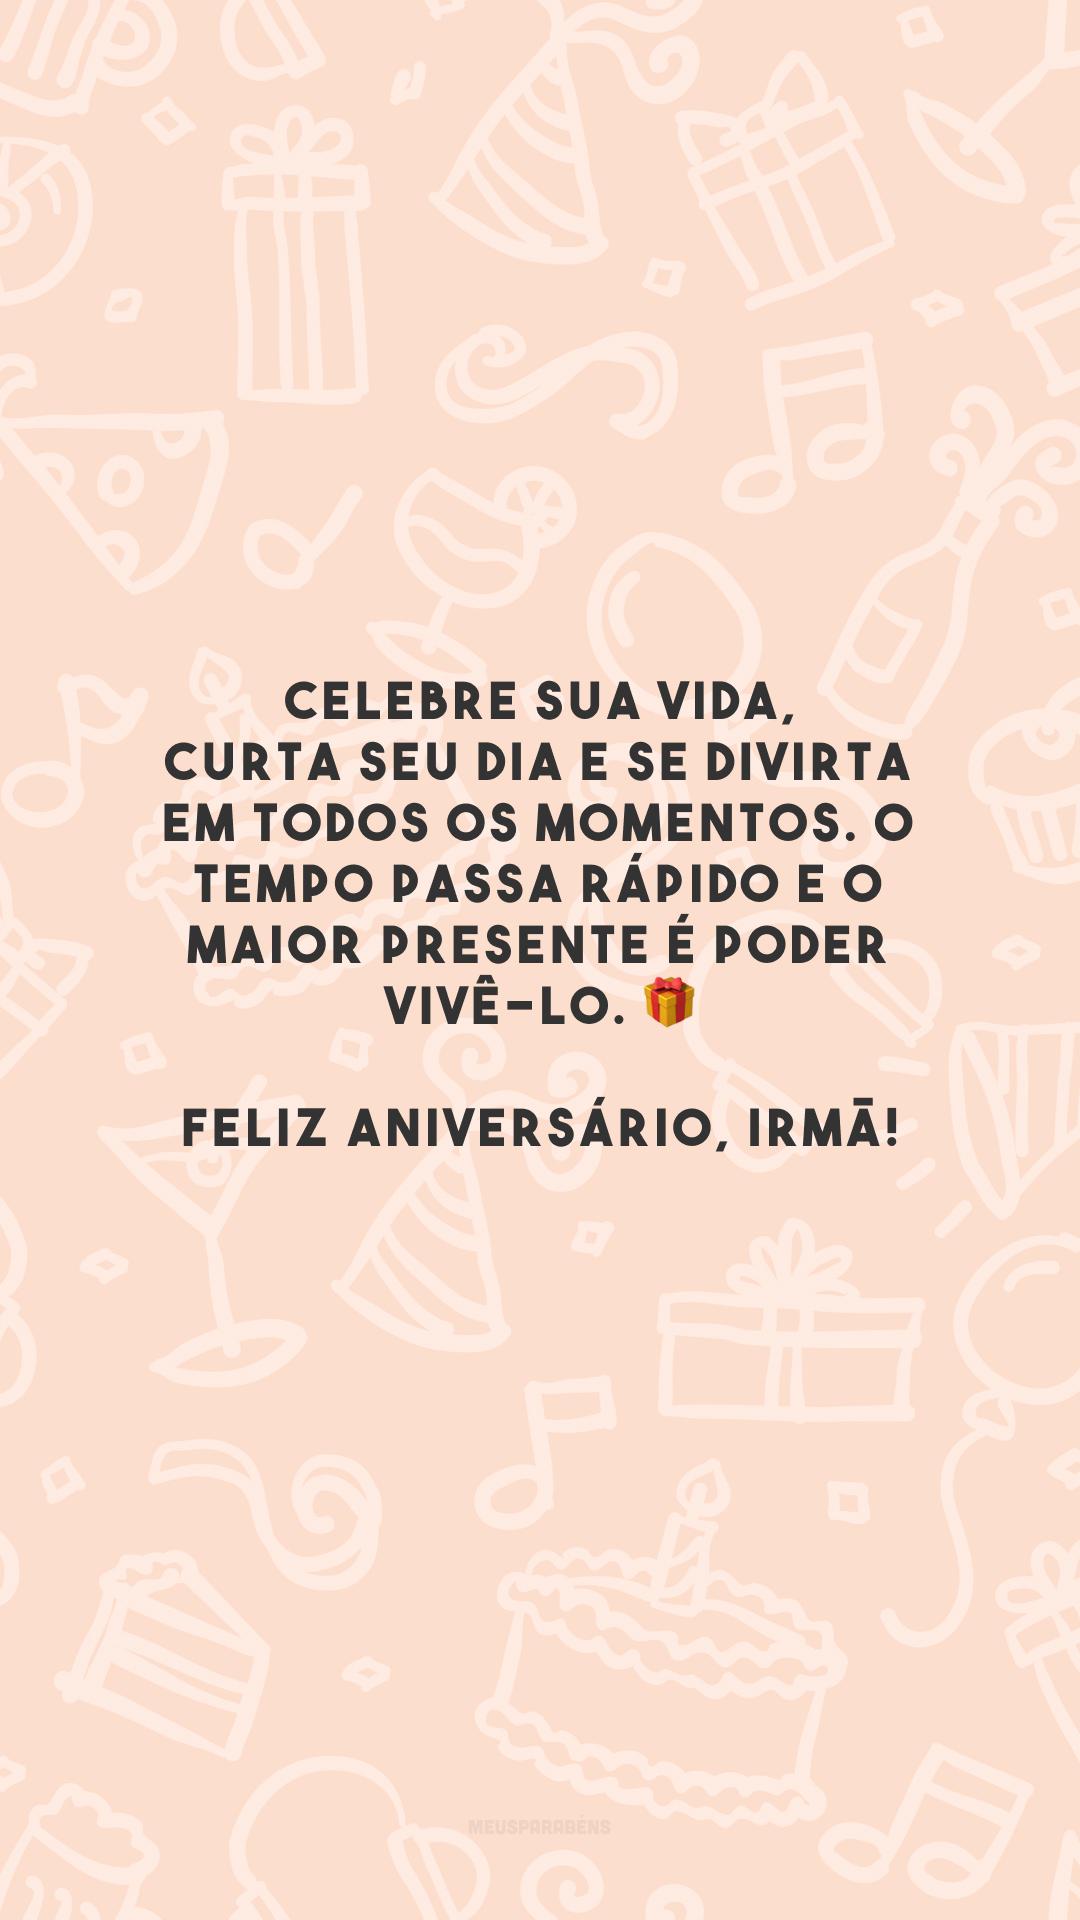 Celebre sua vida, curta seu dia e se divirta em todos os momentos. O tempo passa rápido e o maior presente é poder vivê-lo. 🎁 Feliz aniversário, irmã!